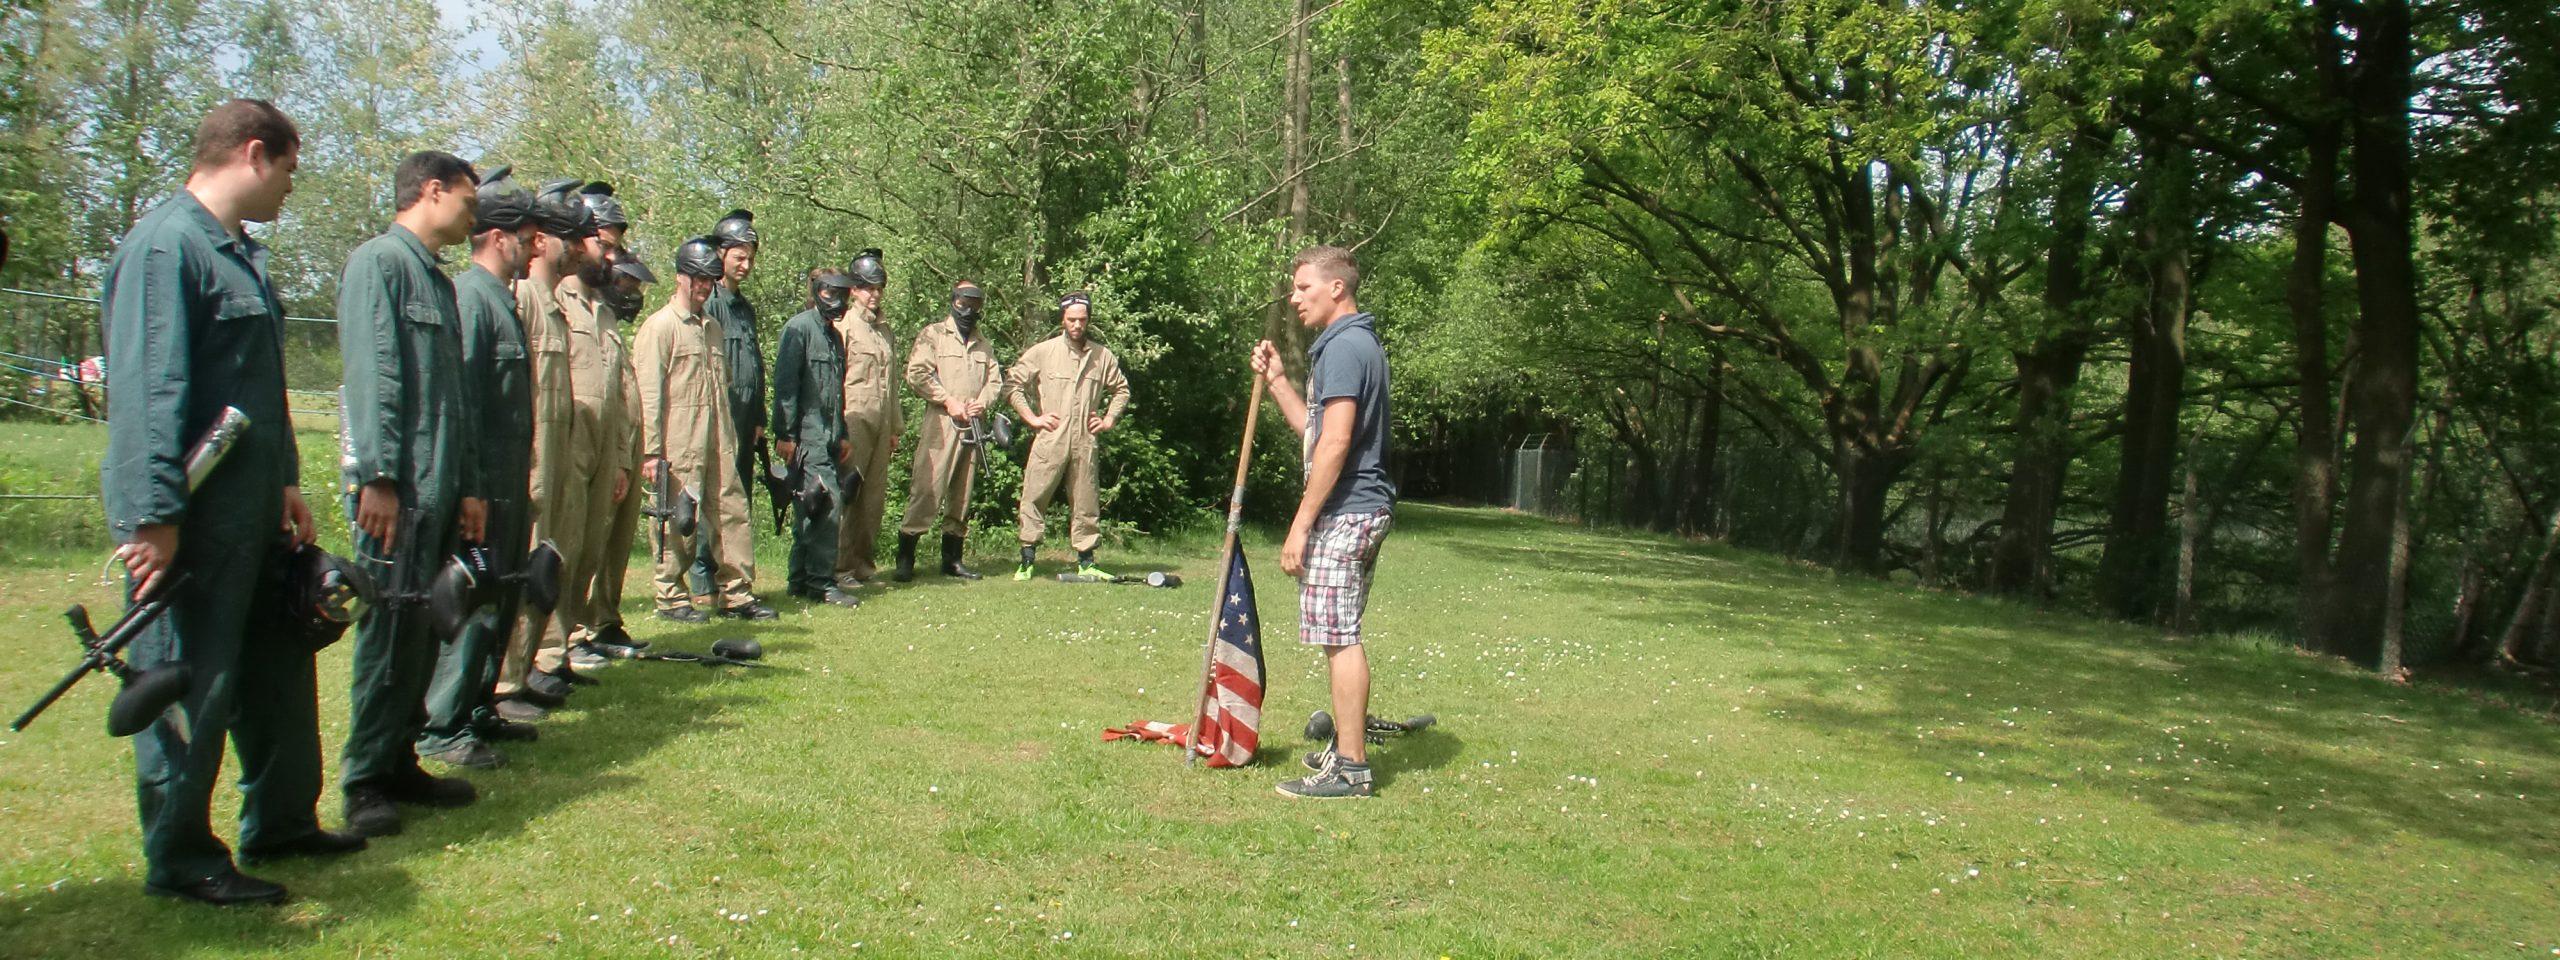 teamuitje-den-bosch-natuur-en-avontuur-high-land-games